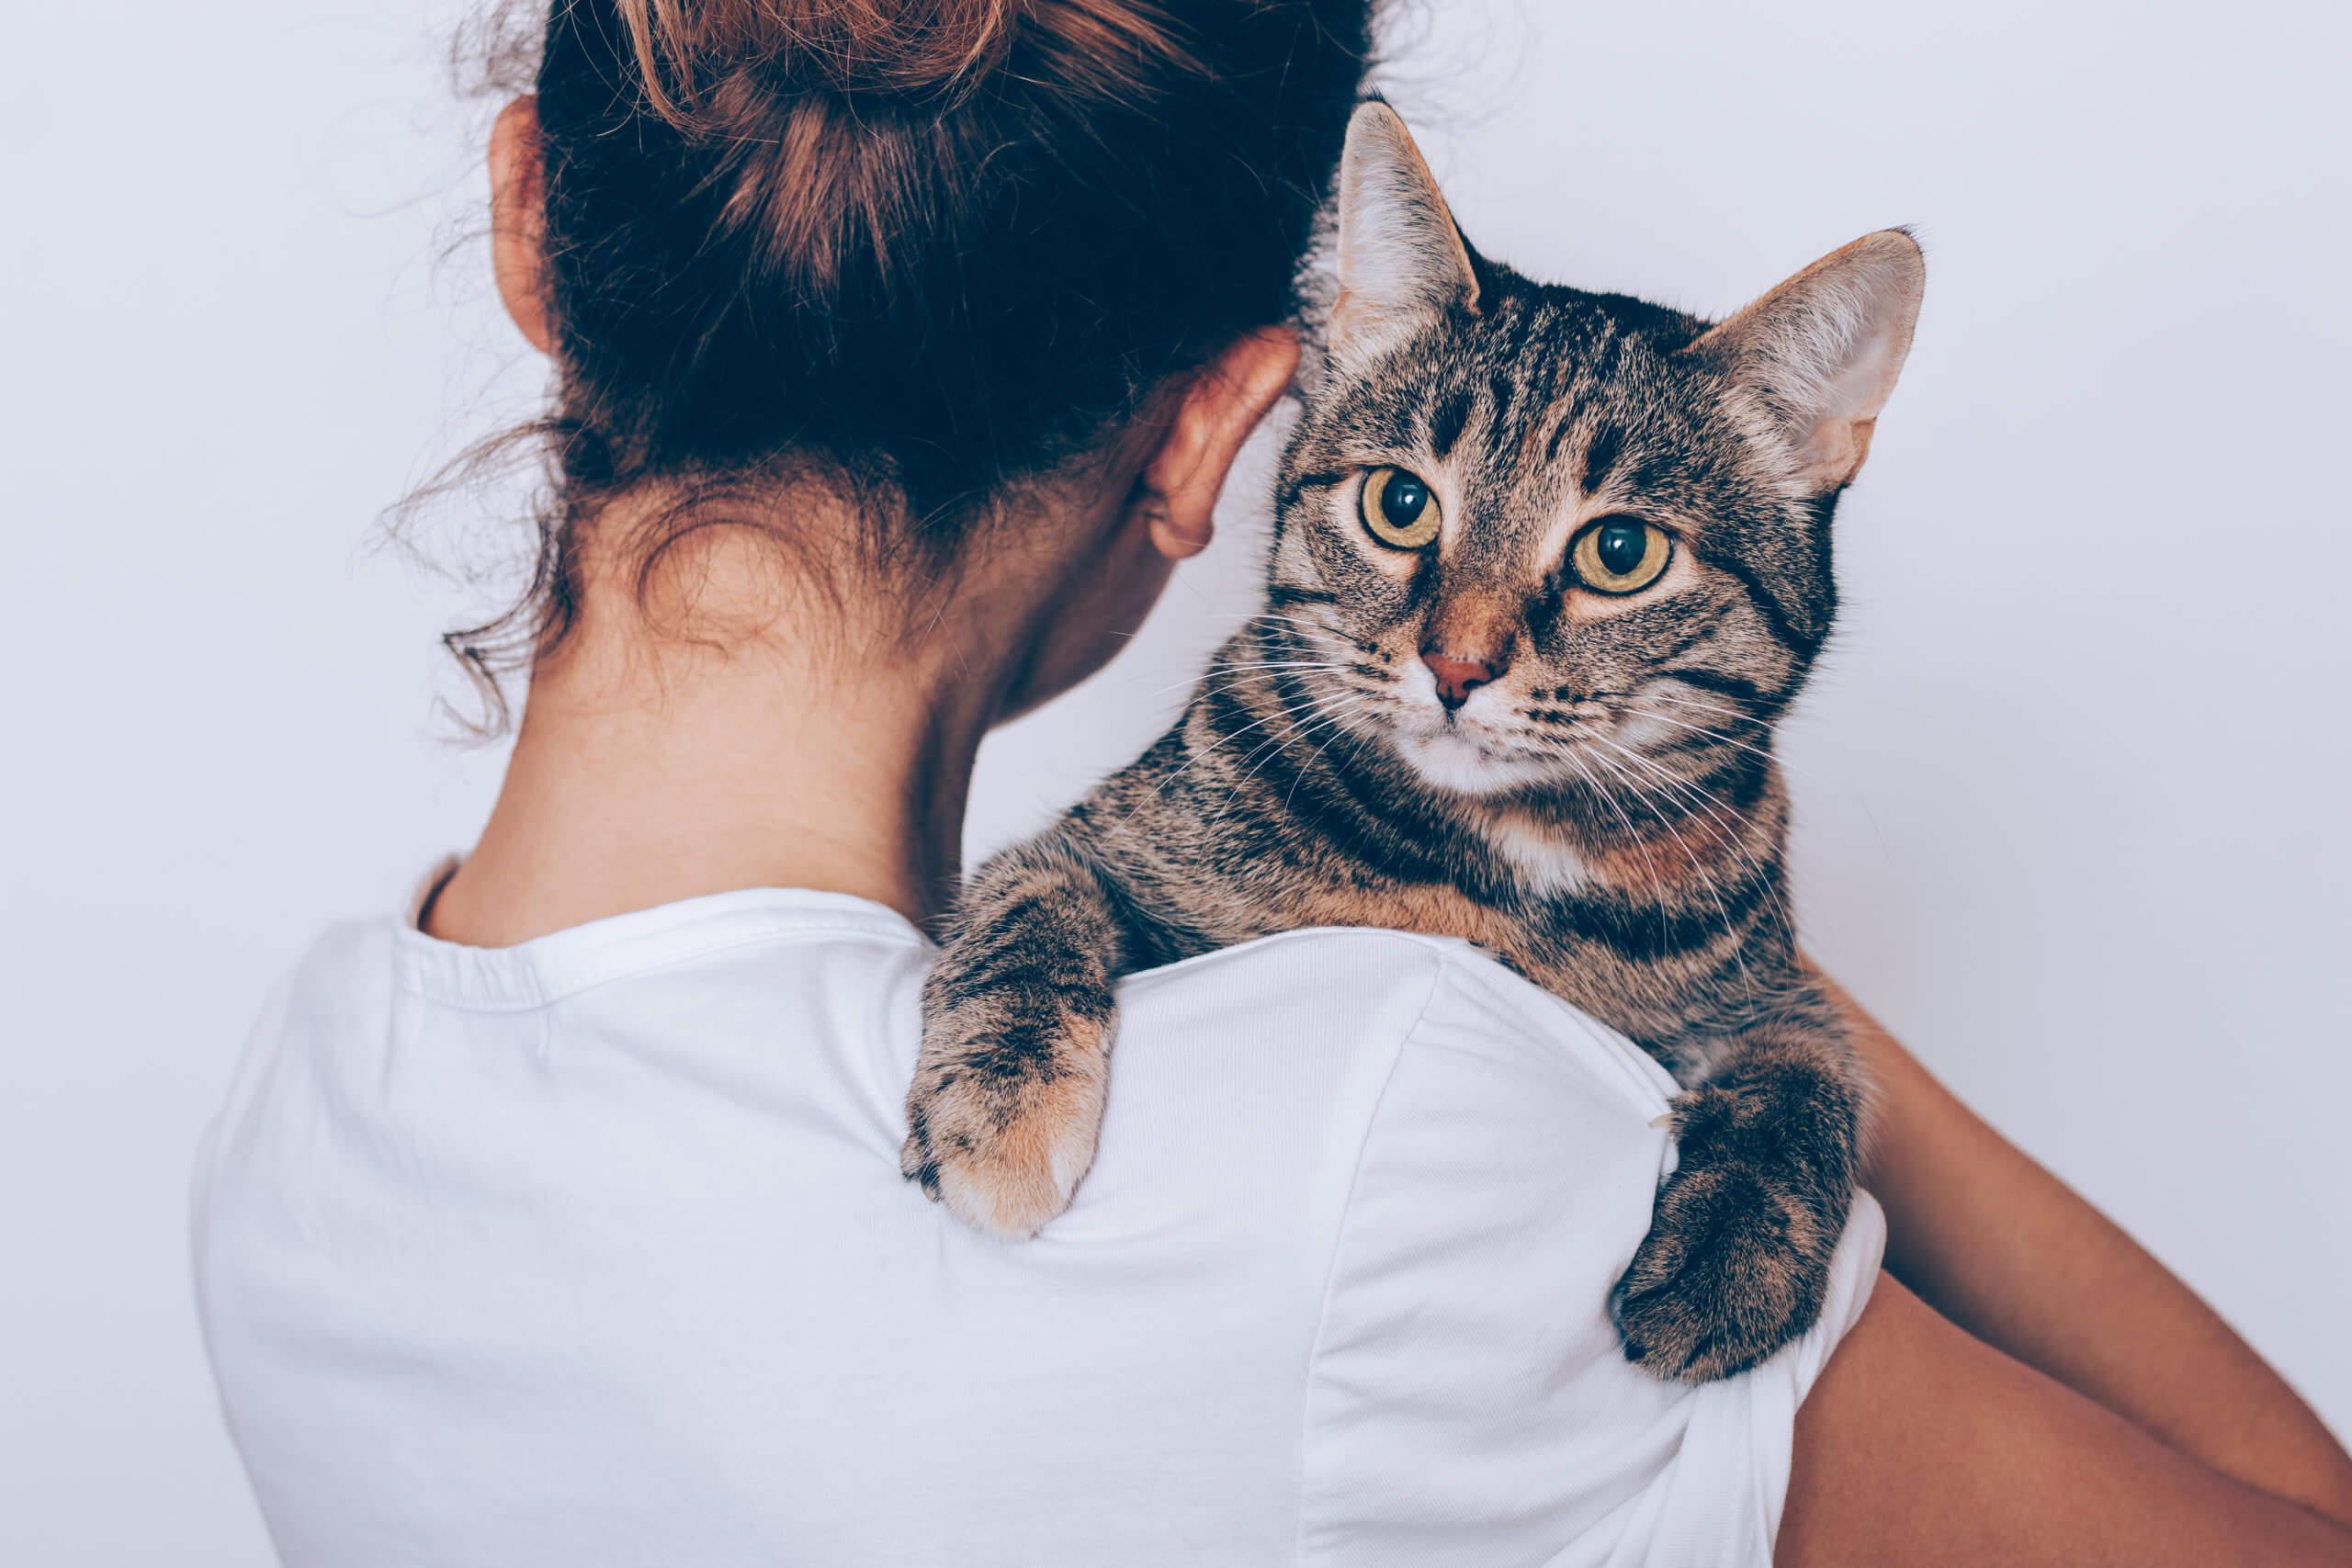 feline being held by it's owner